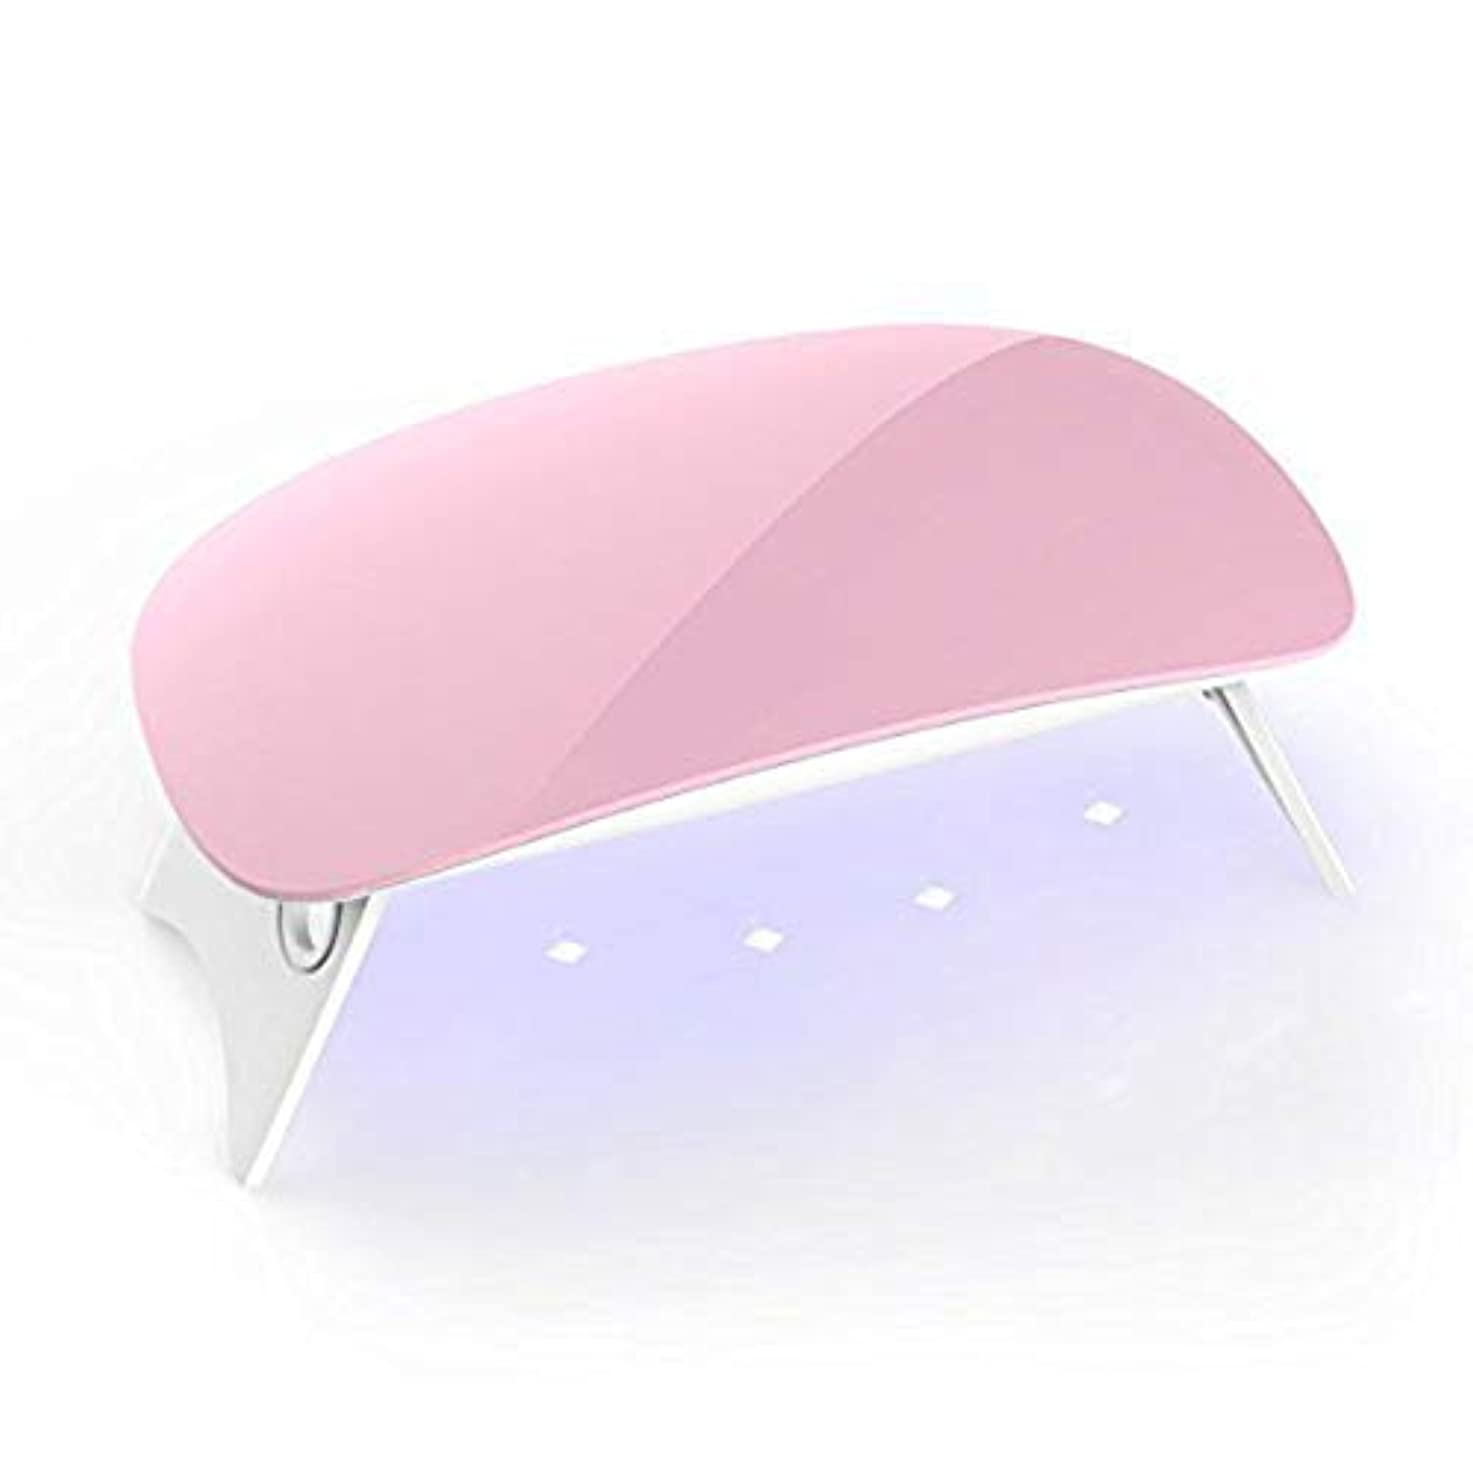 定義モードリン異なるネイルグルー用の6W UV LED、2つのプリセットタイマー(45秒、60秒)